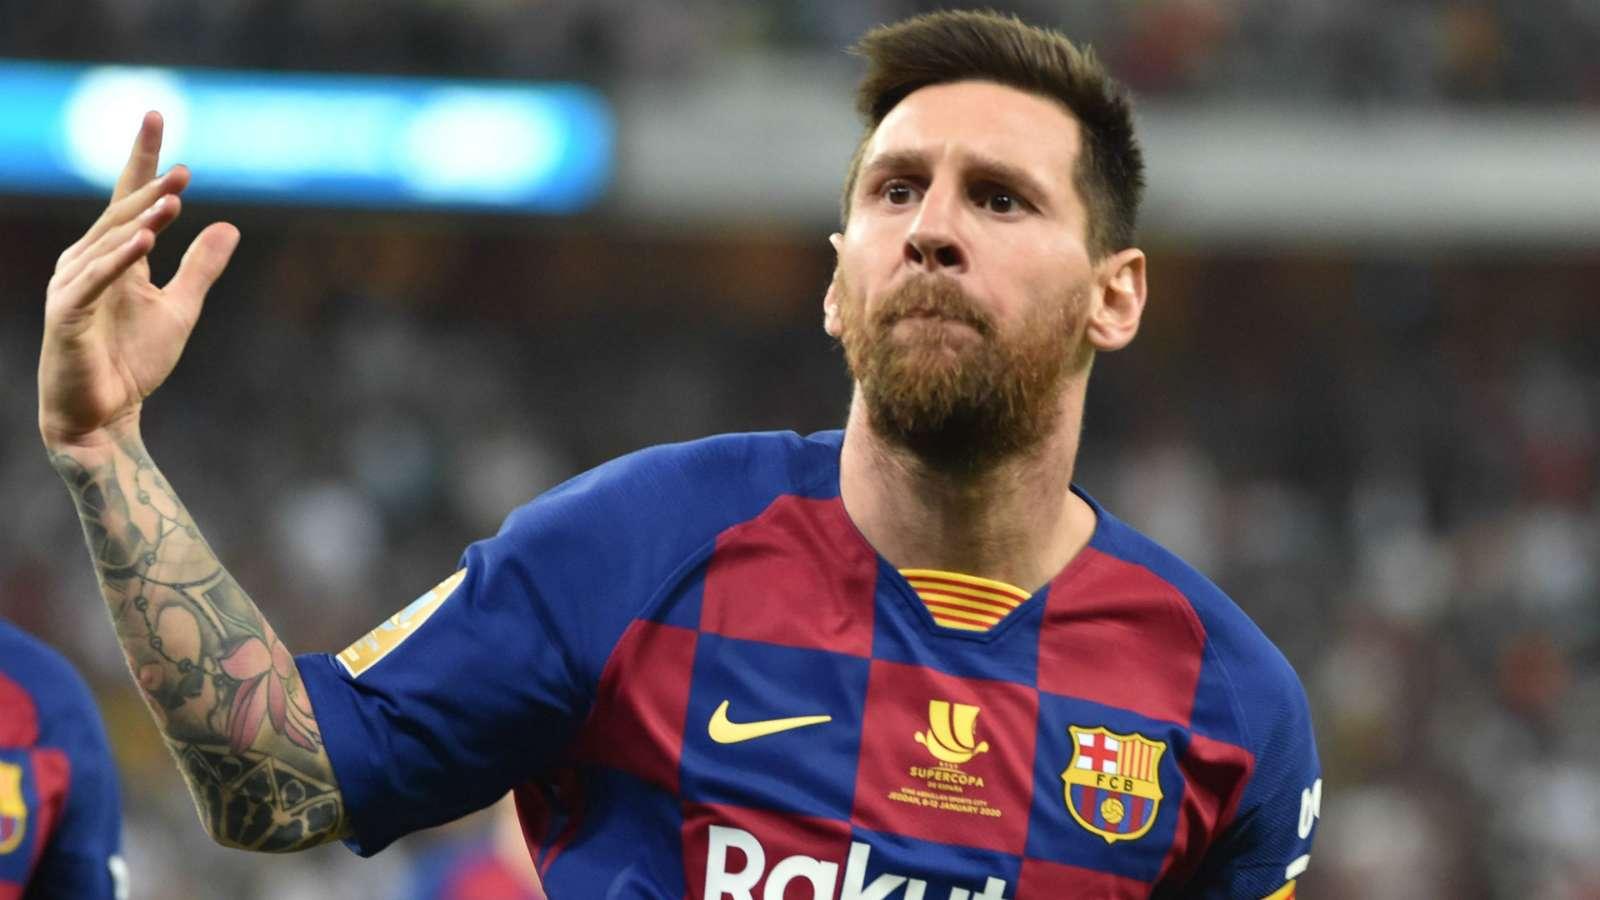 لاعب برشلونة السابق يطلب من ميسي الرحيل والعودة للأرجنتين